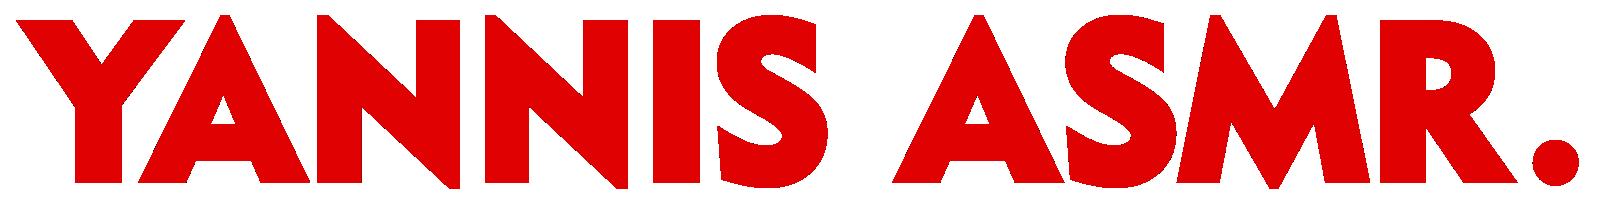 YANNIS ASMR